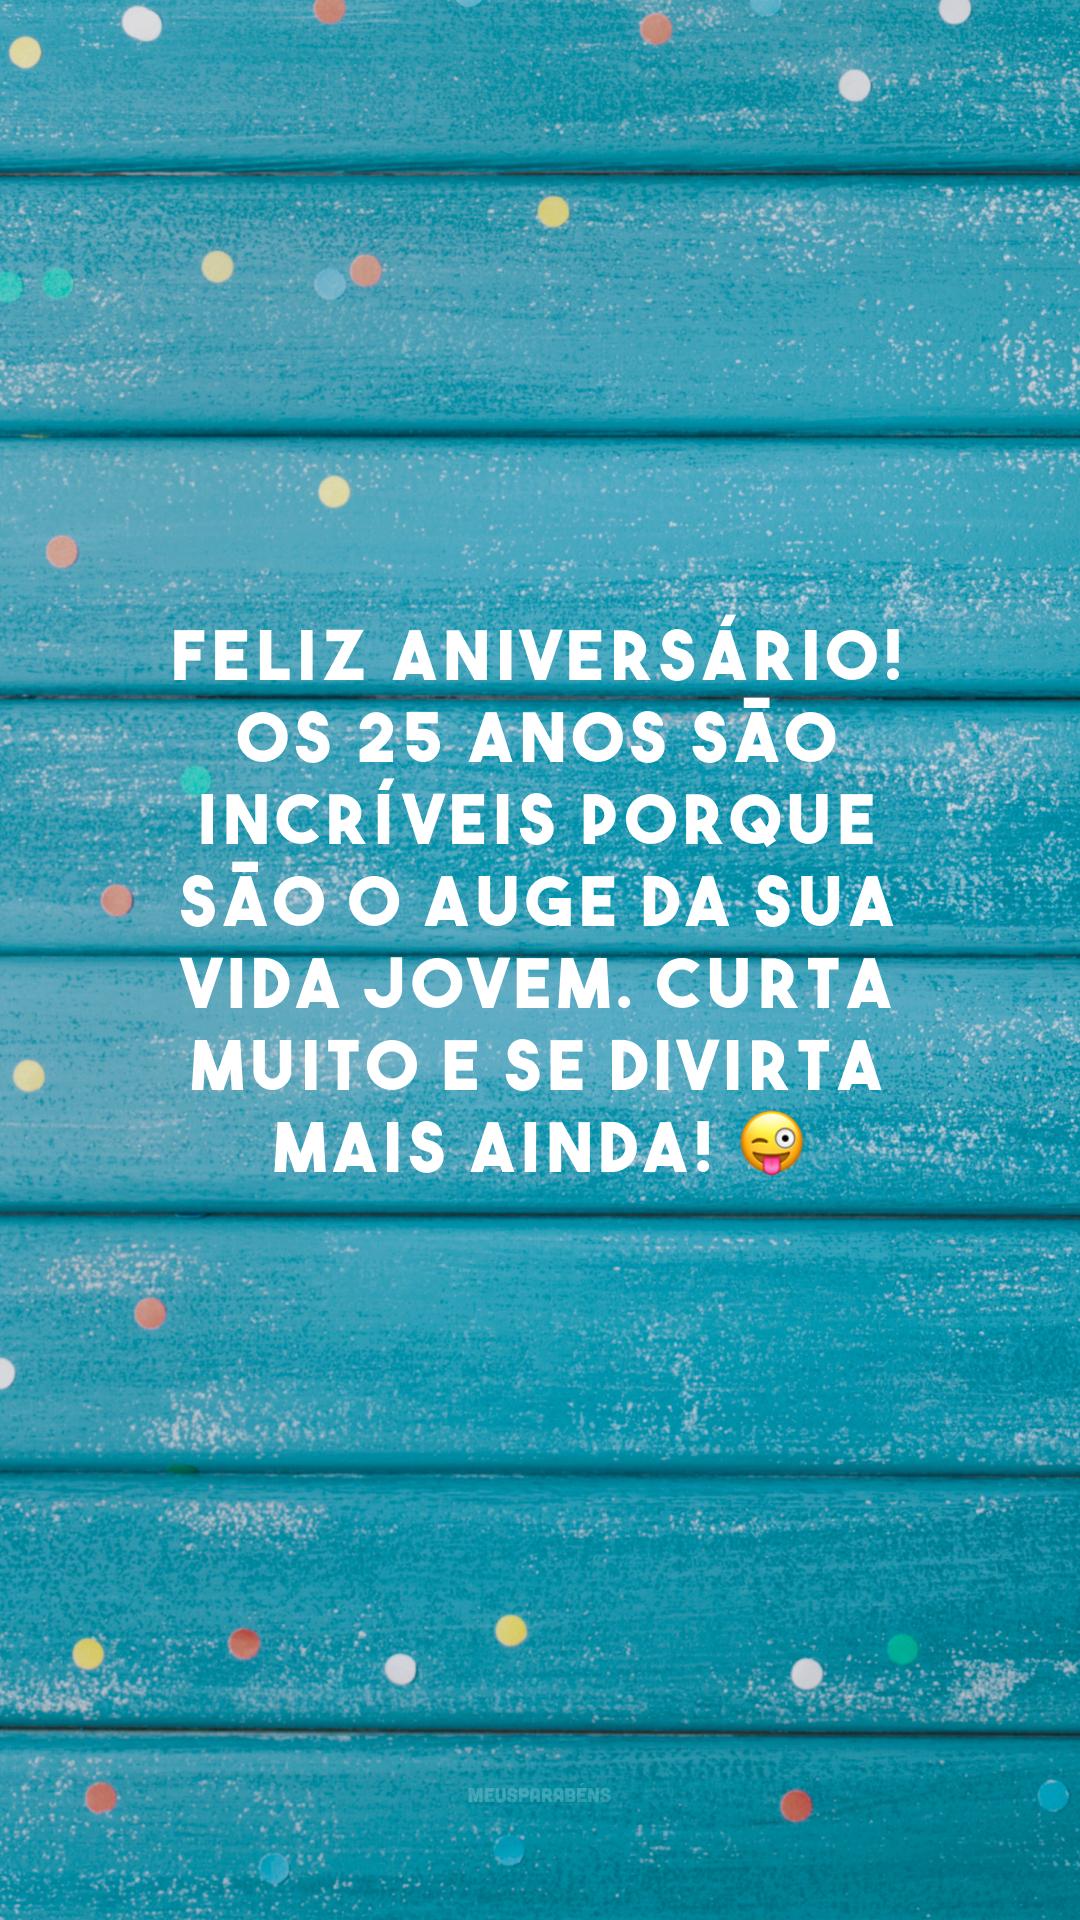 Feliz aniversário! Os 25 anos são incríveis porque são o auge da sua vida jovem. Curta muito e se divirta mais ainda! 😜